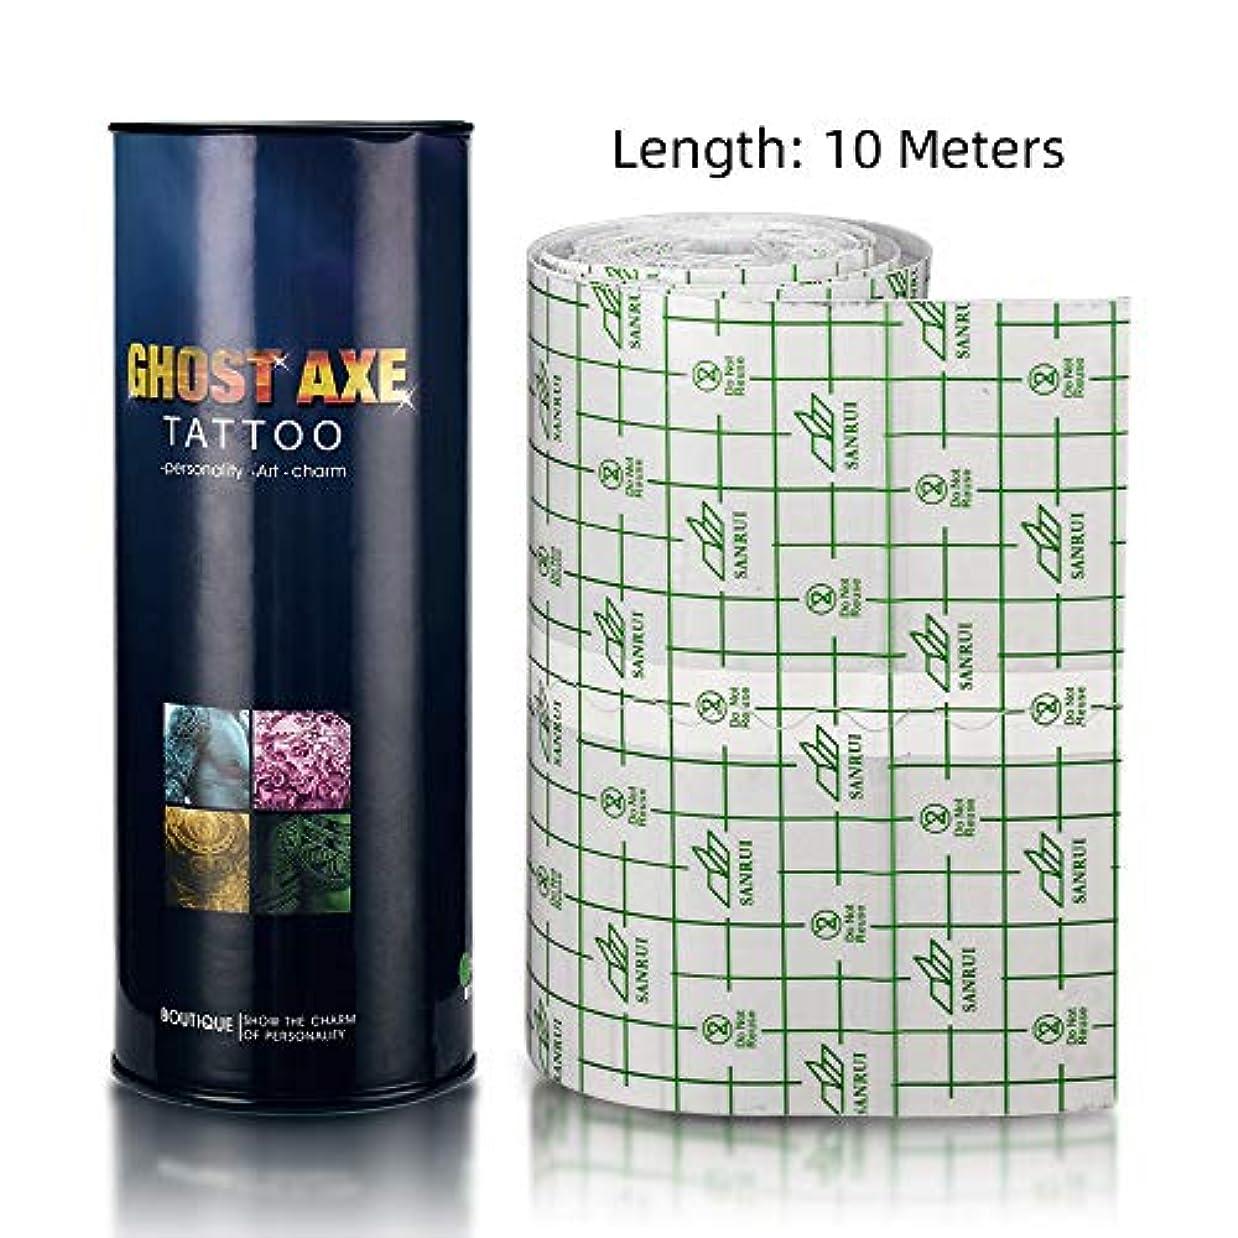 タトゥーアフターケア包帯ロール、ATOMUSタトゥー防水透明フィルム接着剤クリア抗菌治癒タトゥー包帯 (10m×15cm)